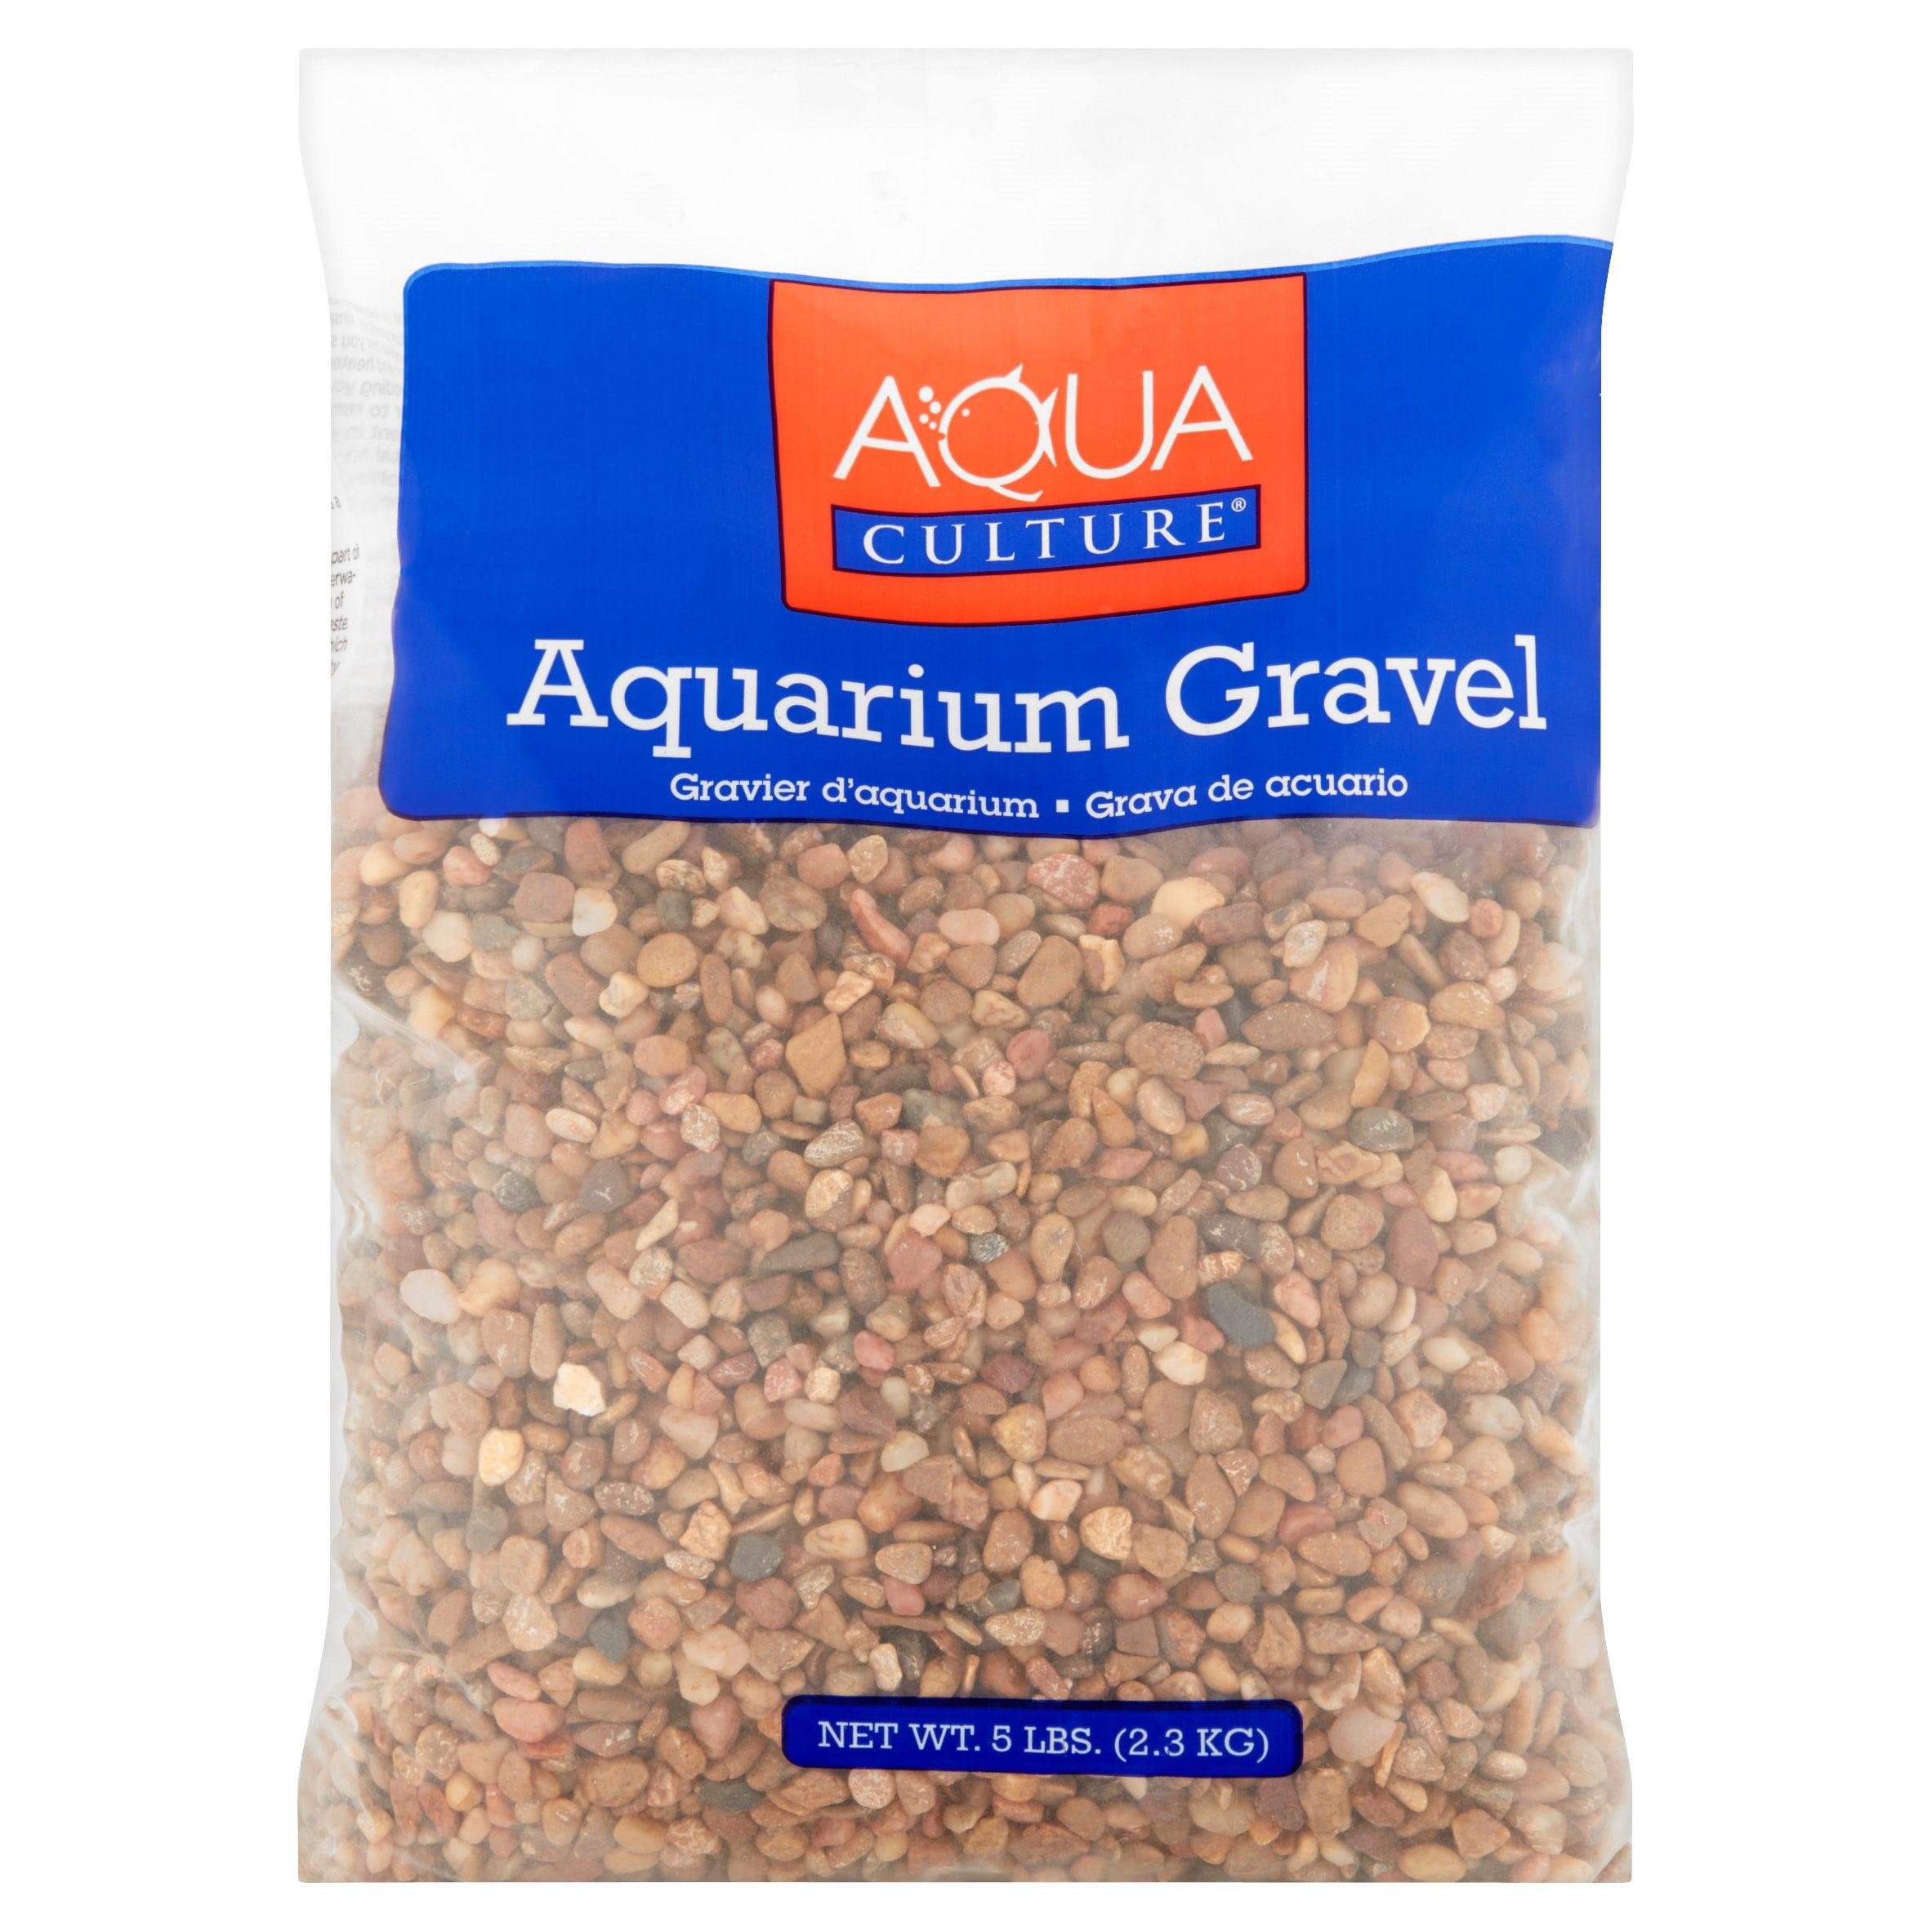 Aqua Culture Neutral Aquarium Gravel, 5 lbs